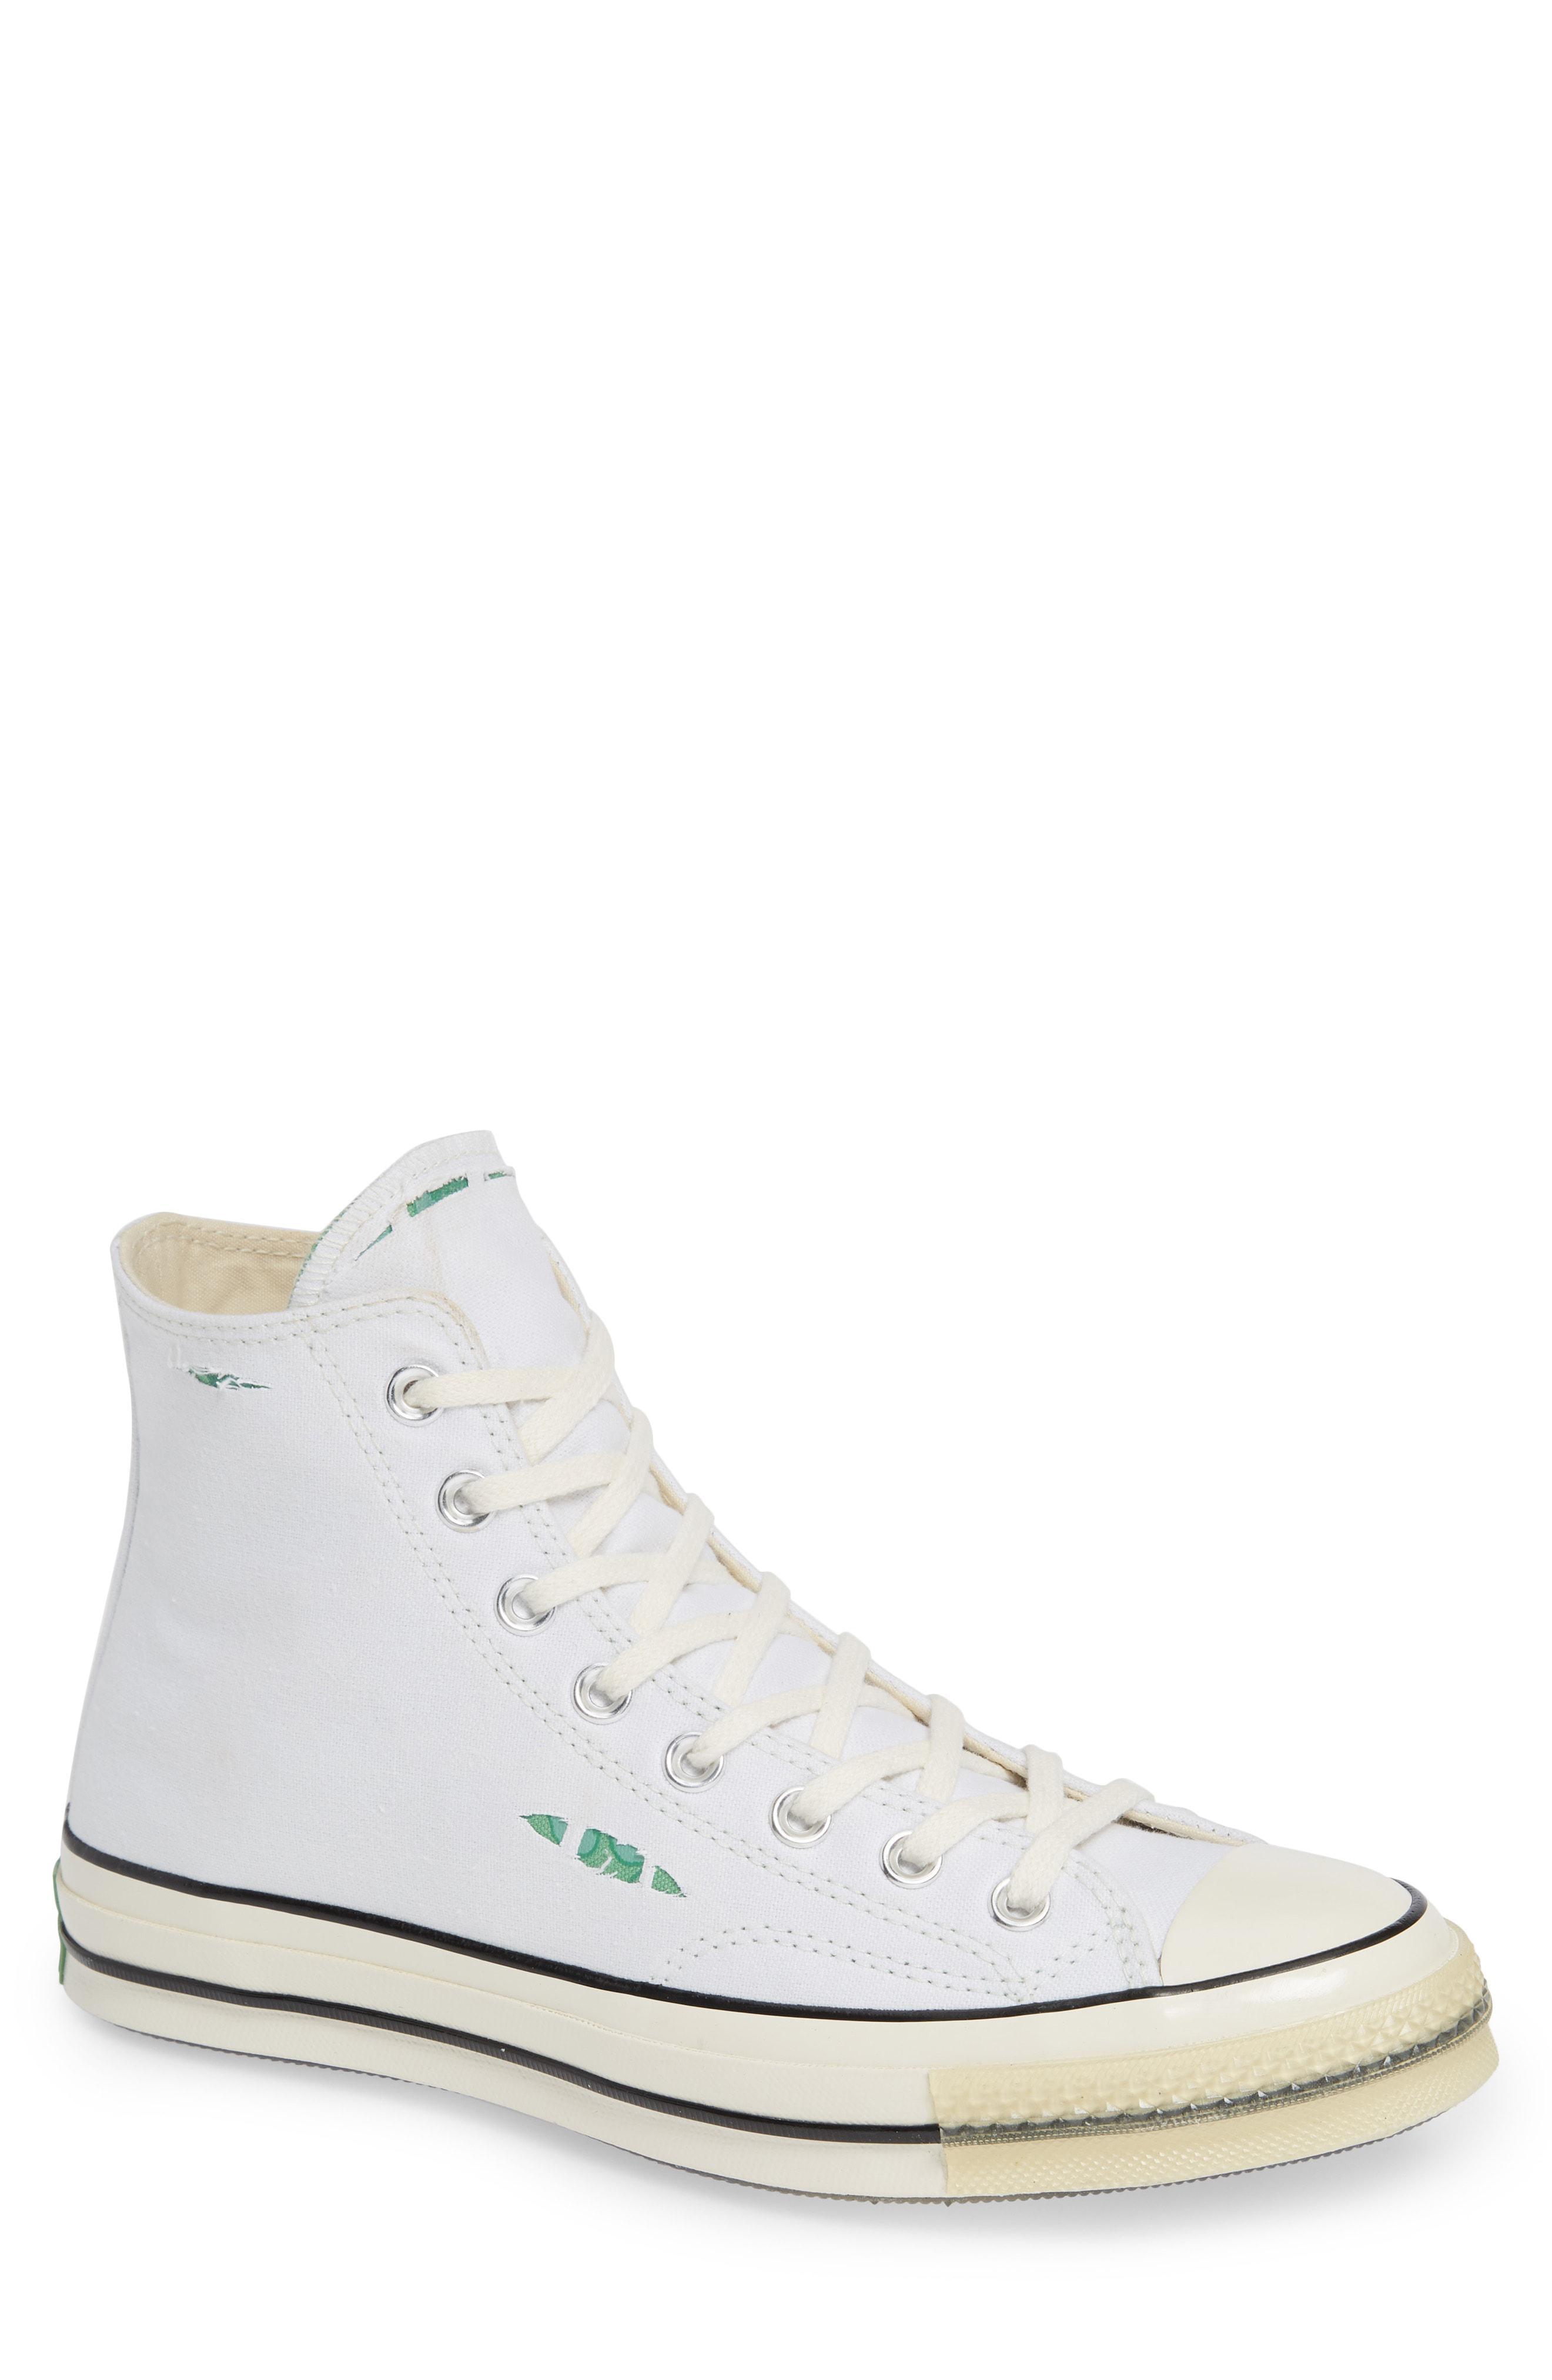 0e0f90e726f6 Lyst - Converse X Dr. Woo Chuck 70 Sneaker in White for Men